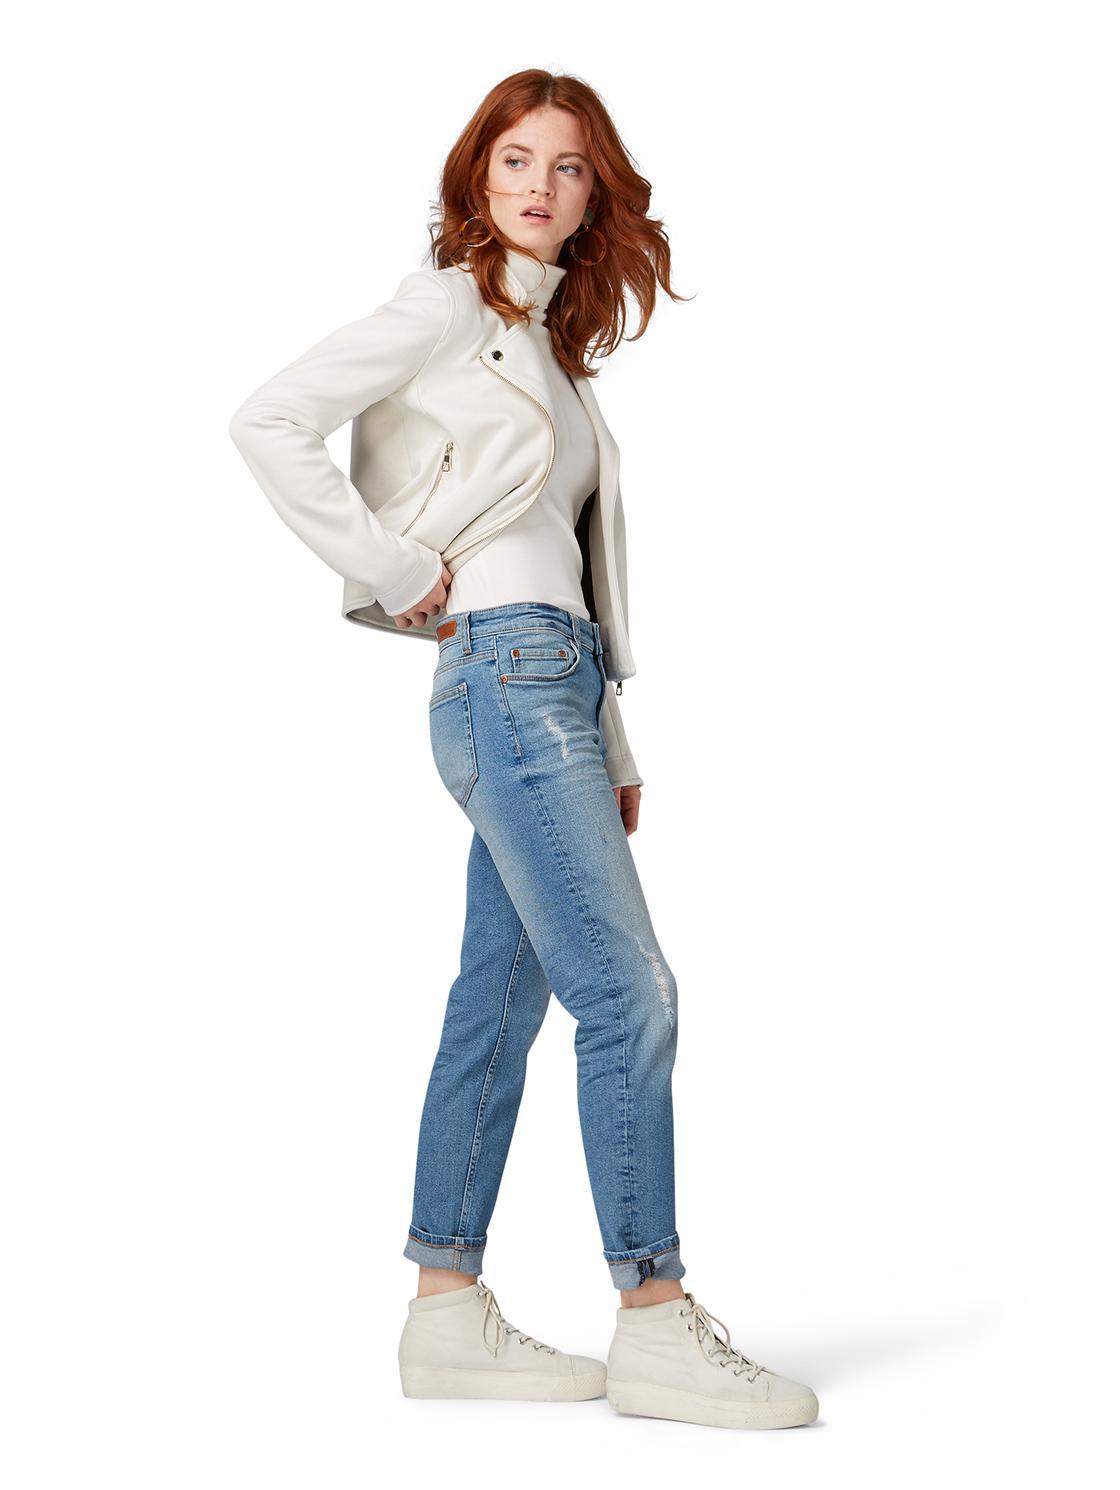 Tom Tailor DENIM Liva Slim Boyfriends Jeans in Braun xurbX